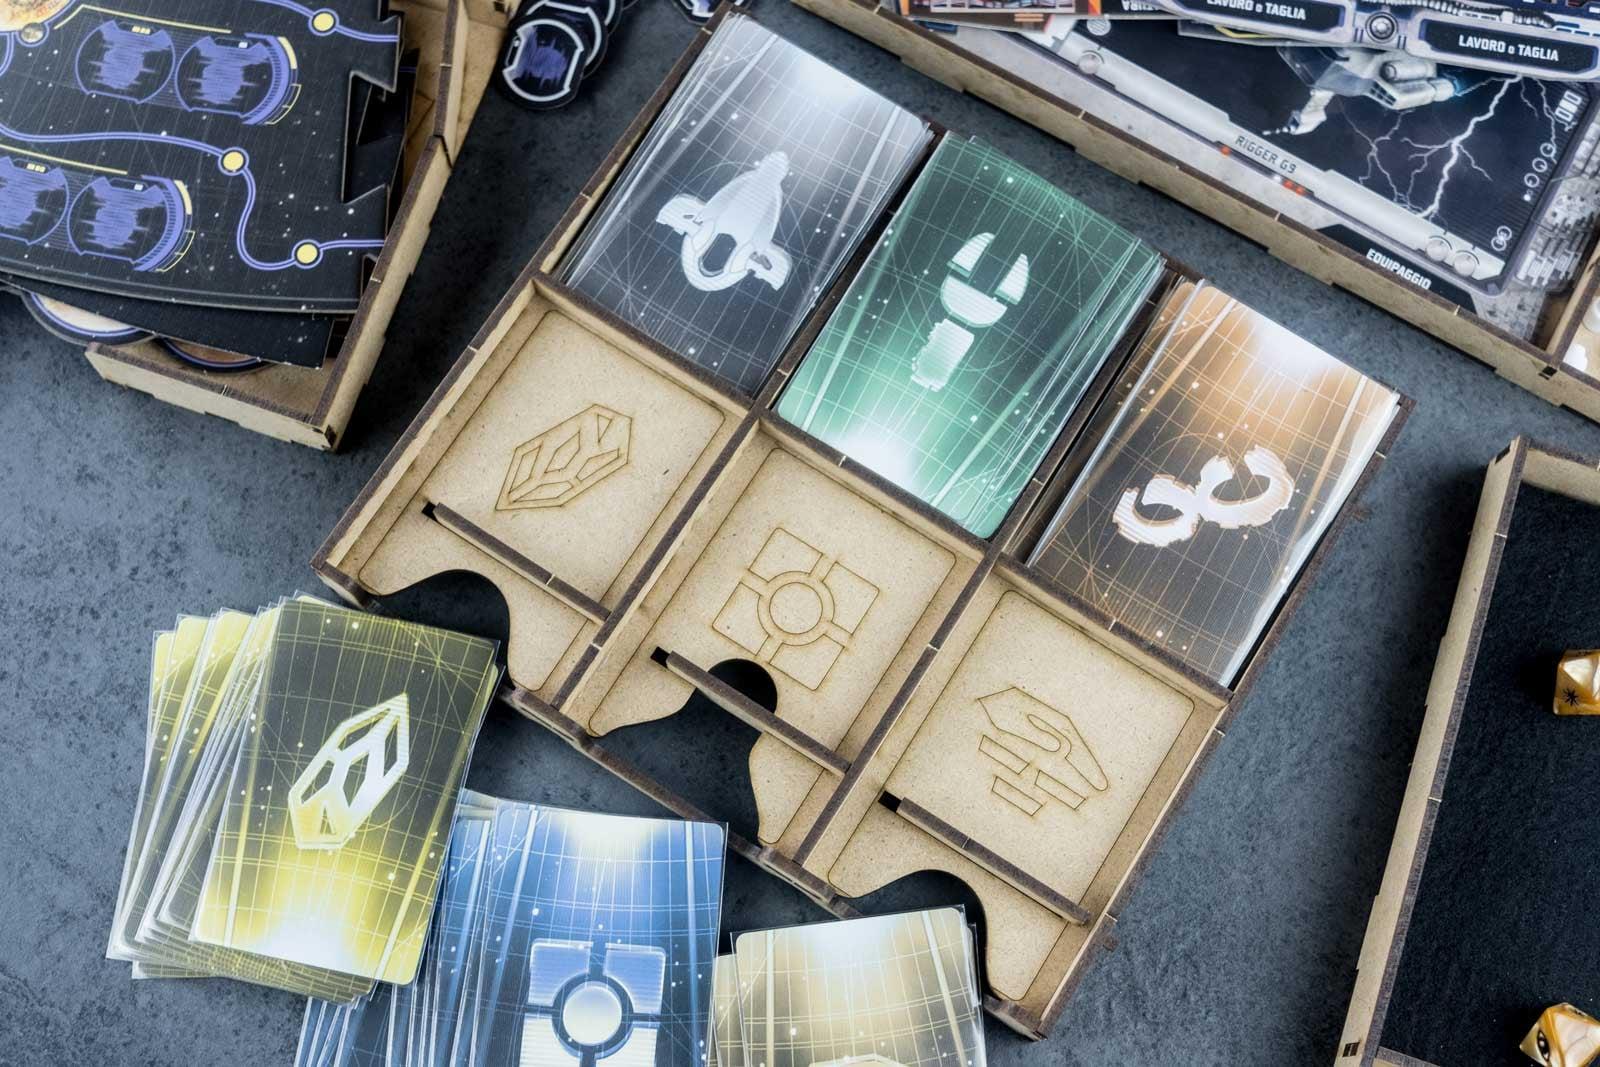 Star Wars: Outer Rim Organizer Insert - 9